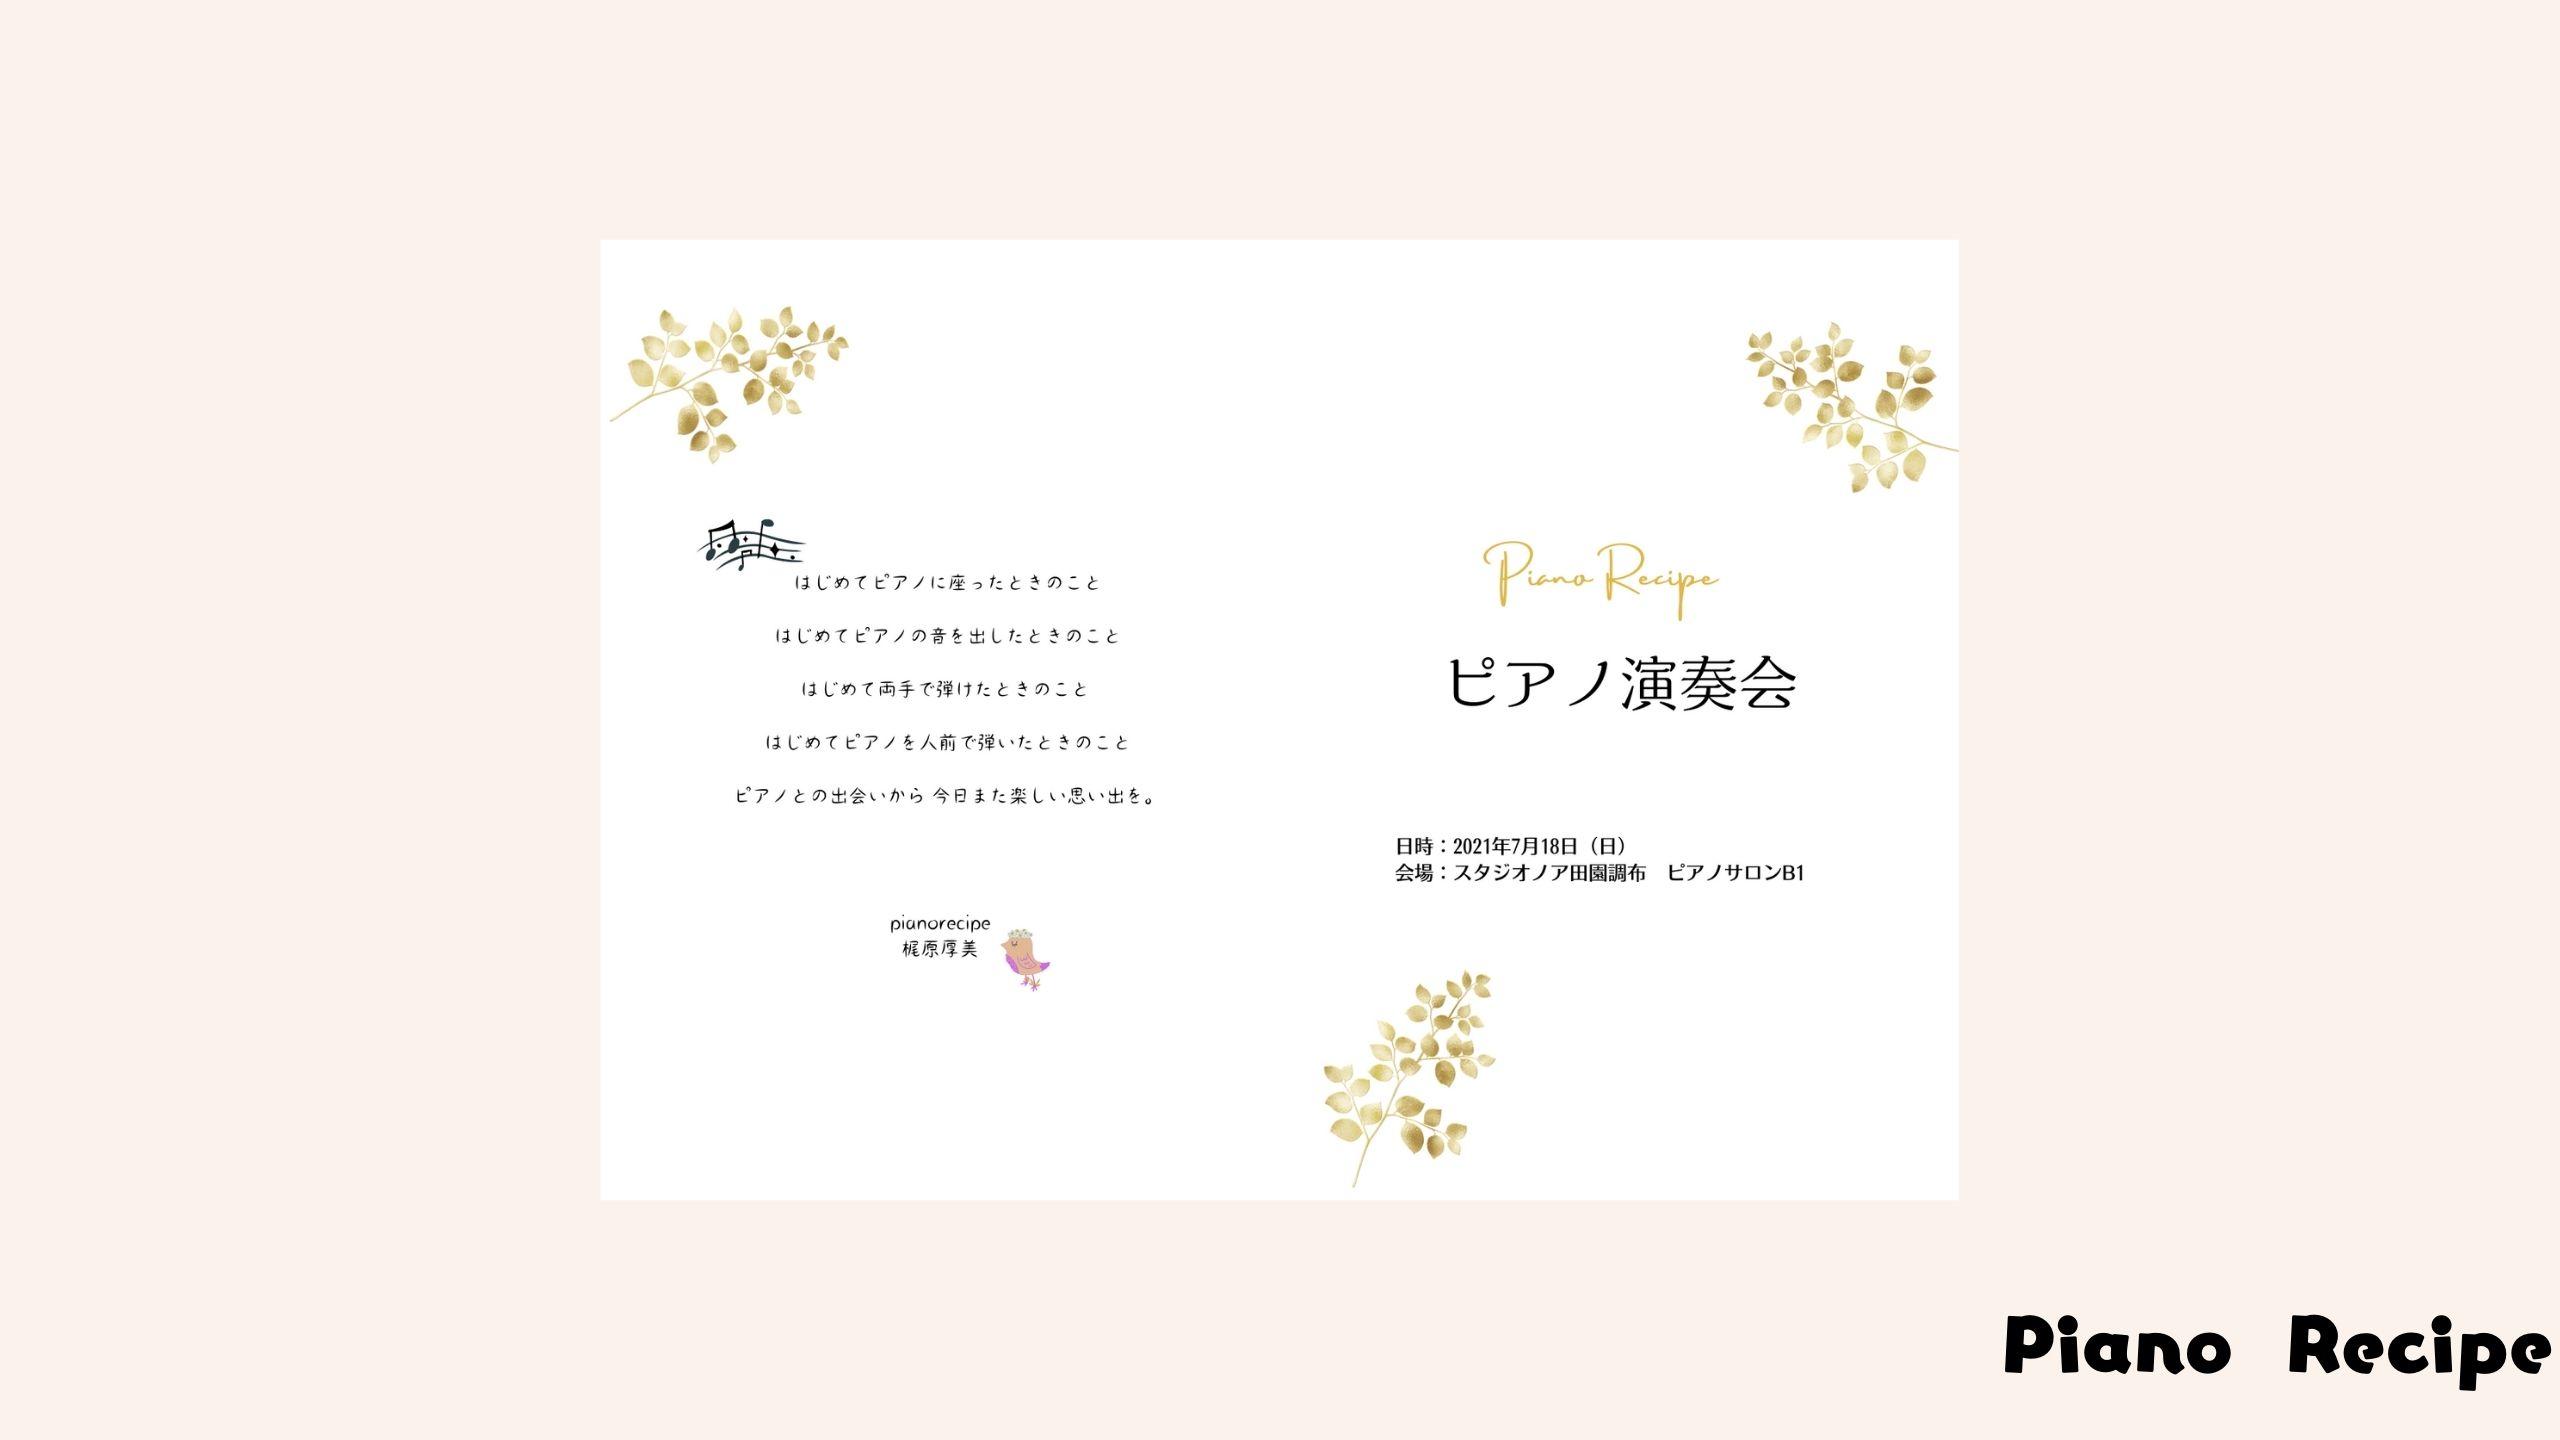 ピアノレシピ /目黒区ピアノ教室/大人のピアノ